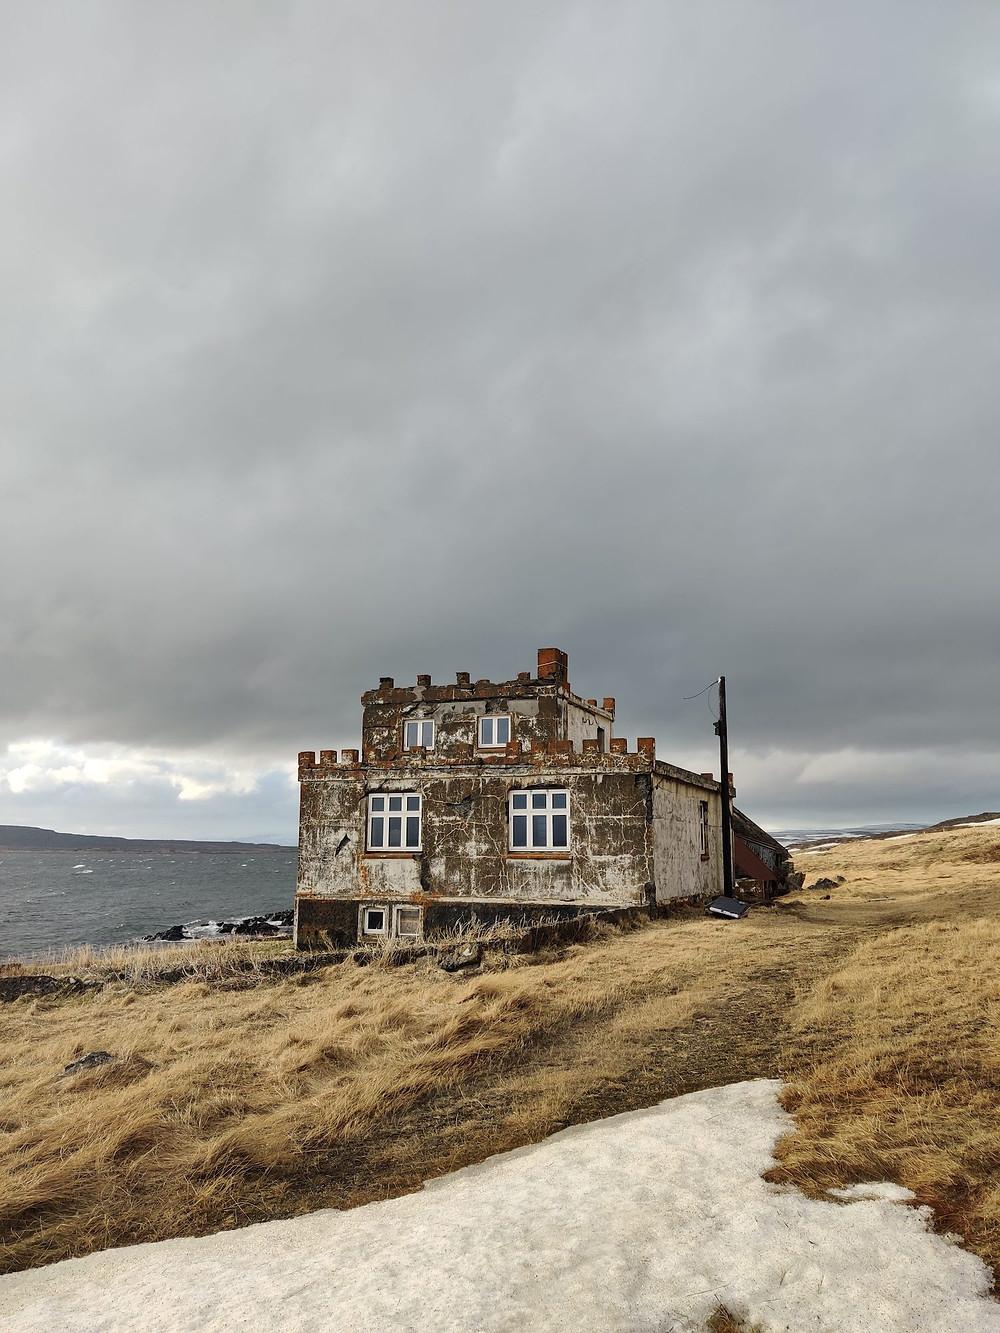 The Castle at Arngerdareyri in the Westfjords